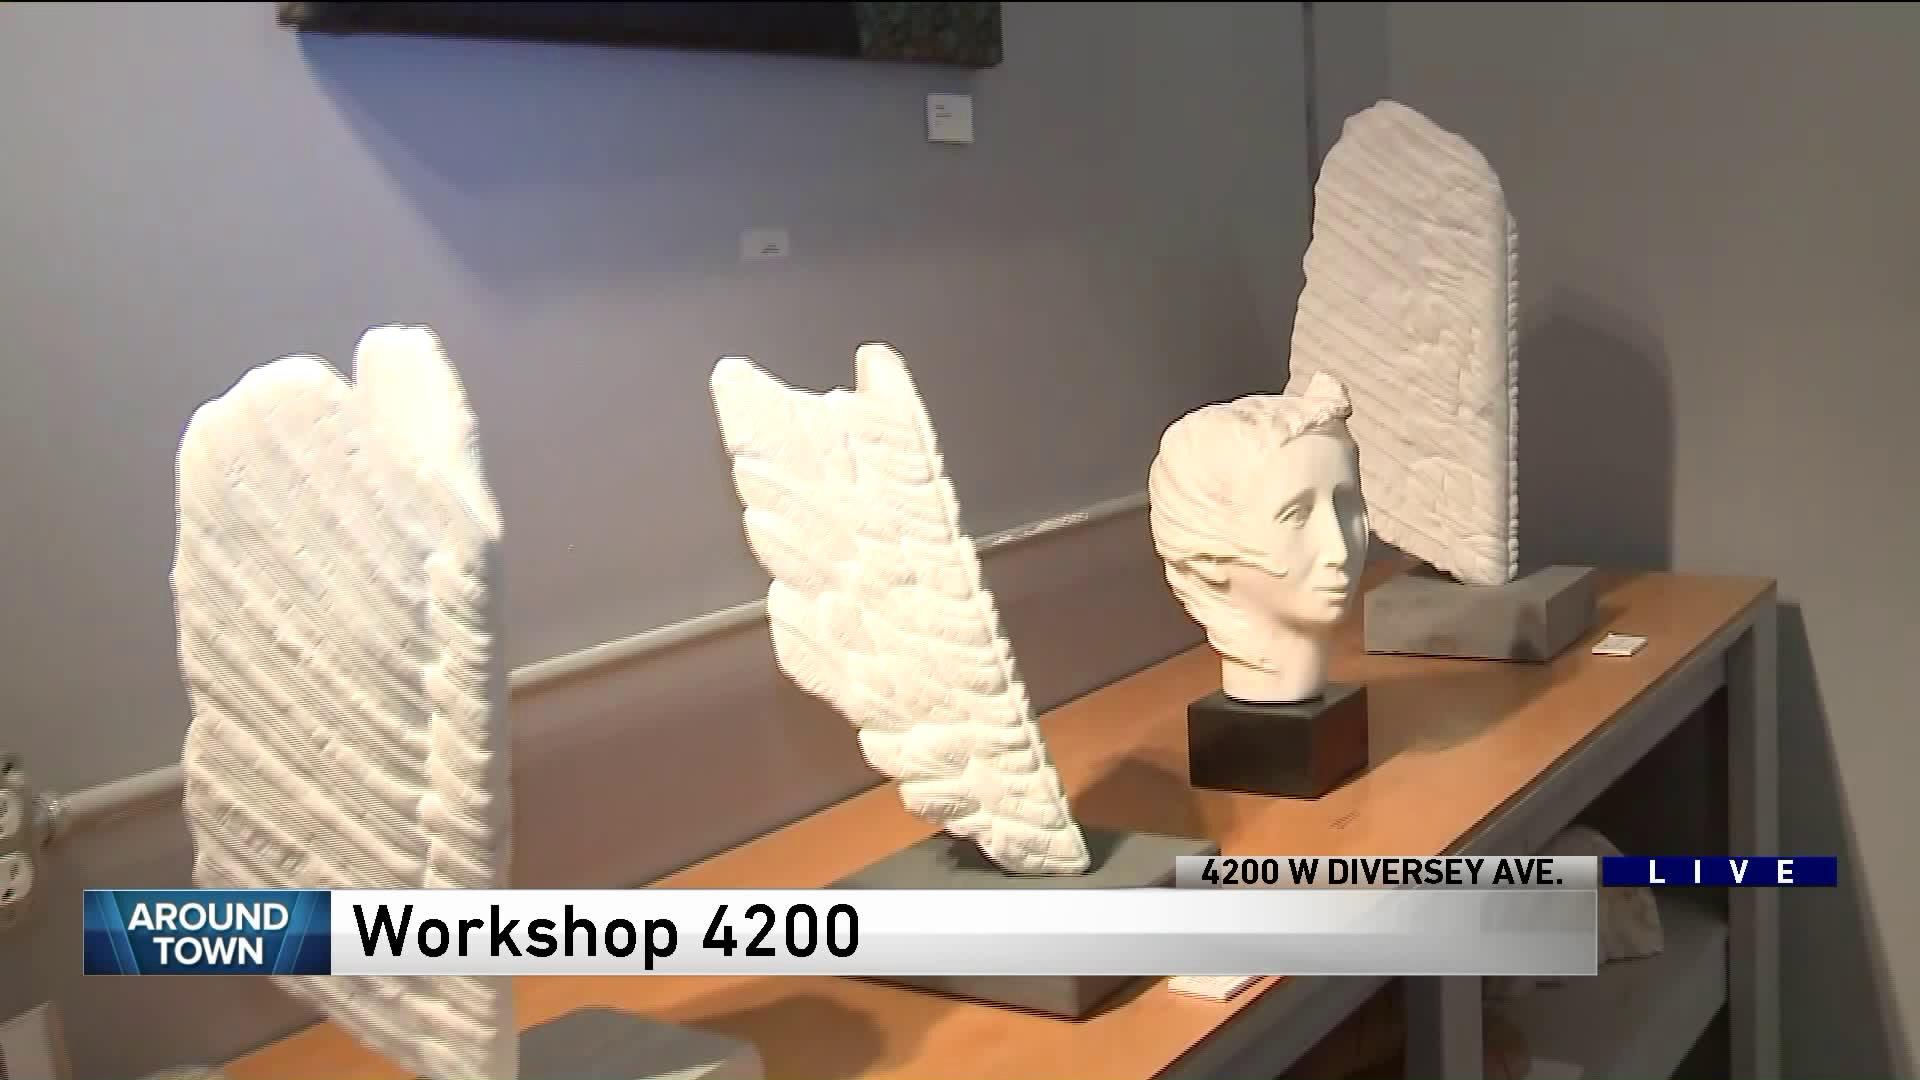 Around Town visits Workshop 4200